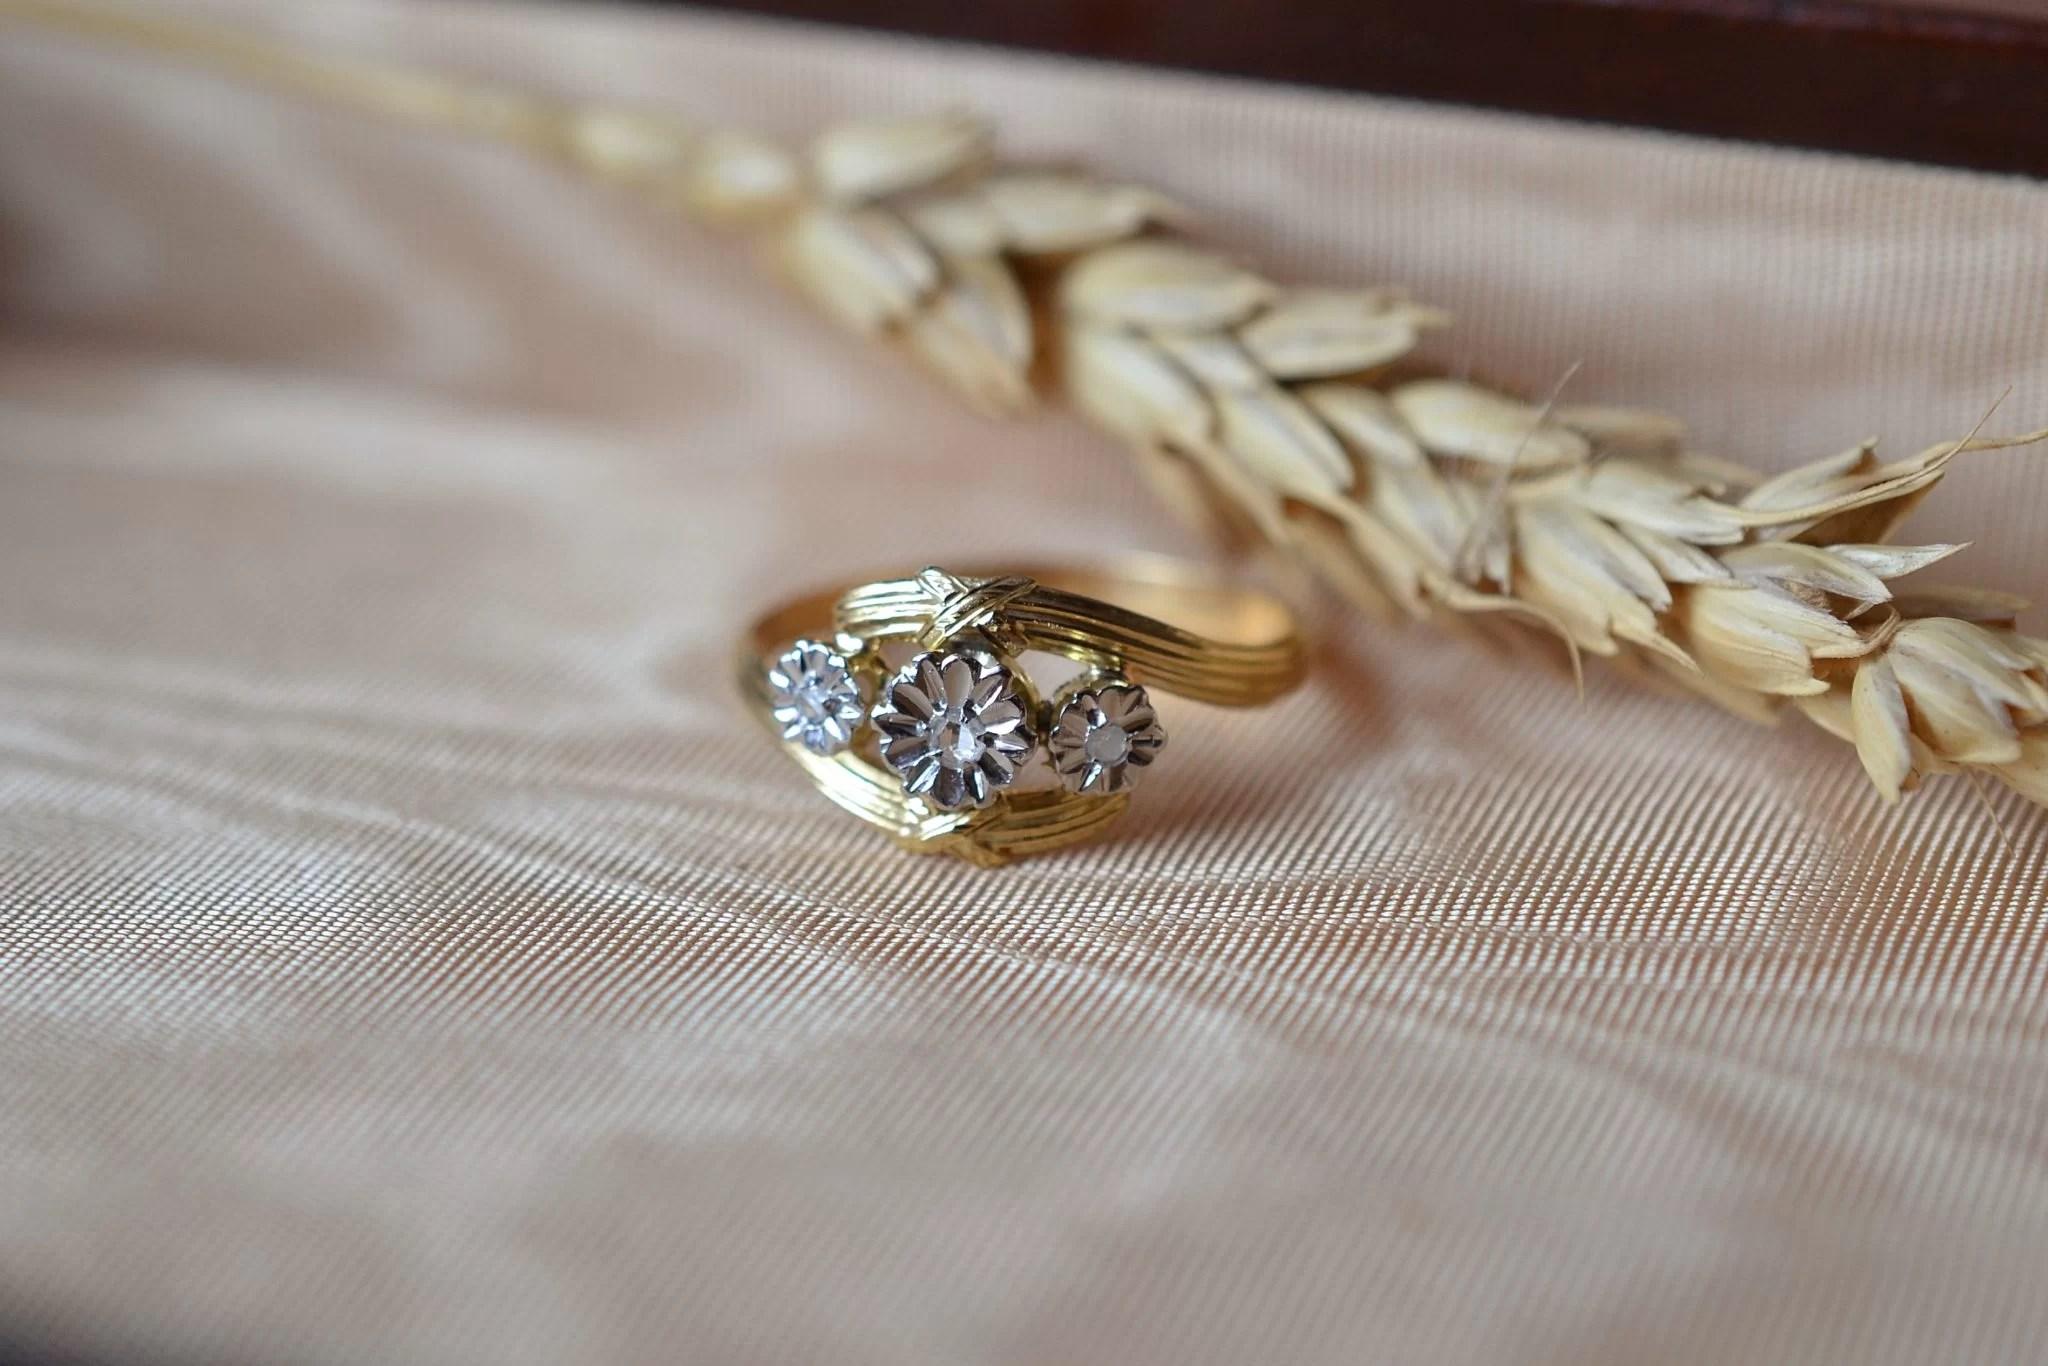 Bague Fleurettes En Or Jaune Et Or Blanc Sertie De Diamants - Bague Éco-responsable